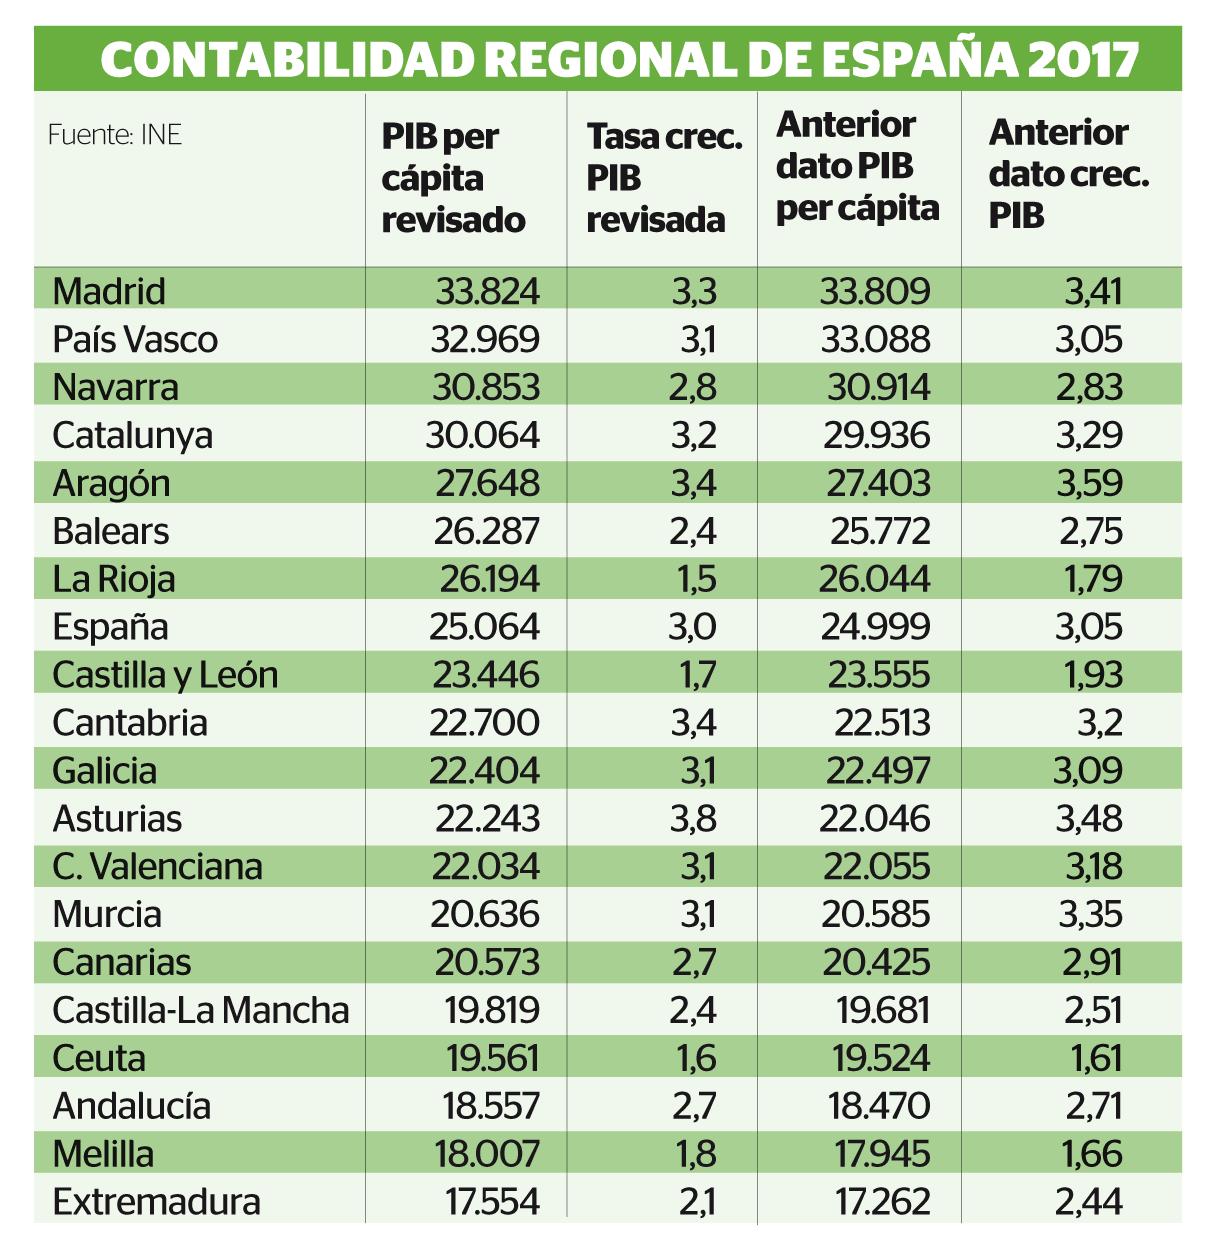 Contabilidad regional de España 2017